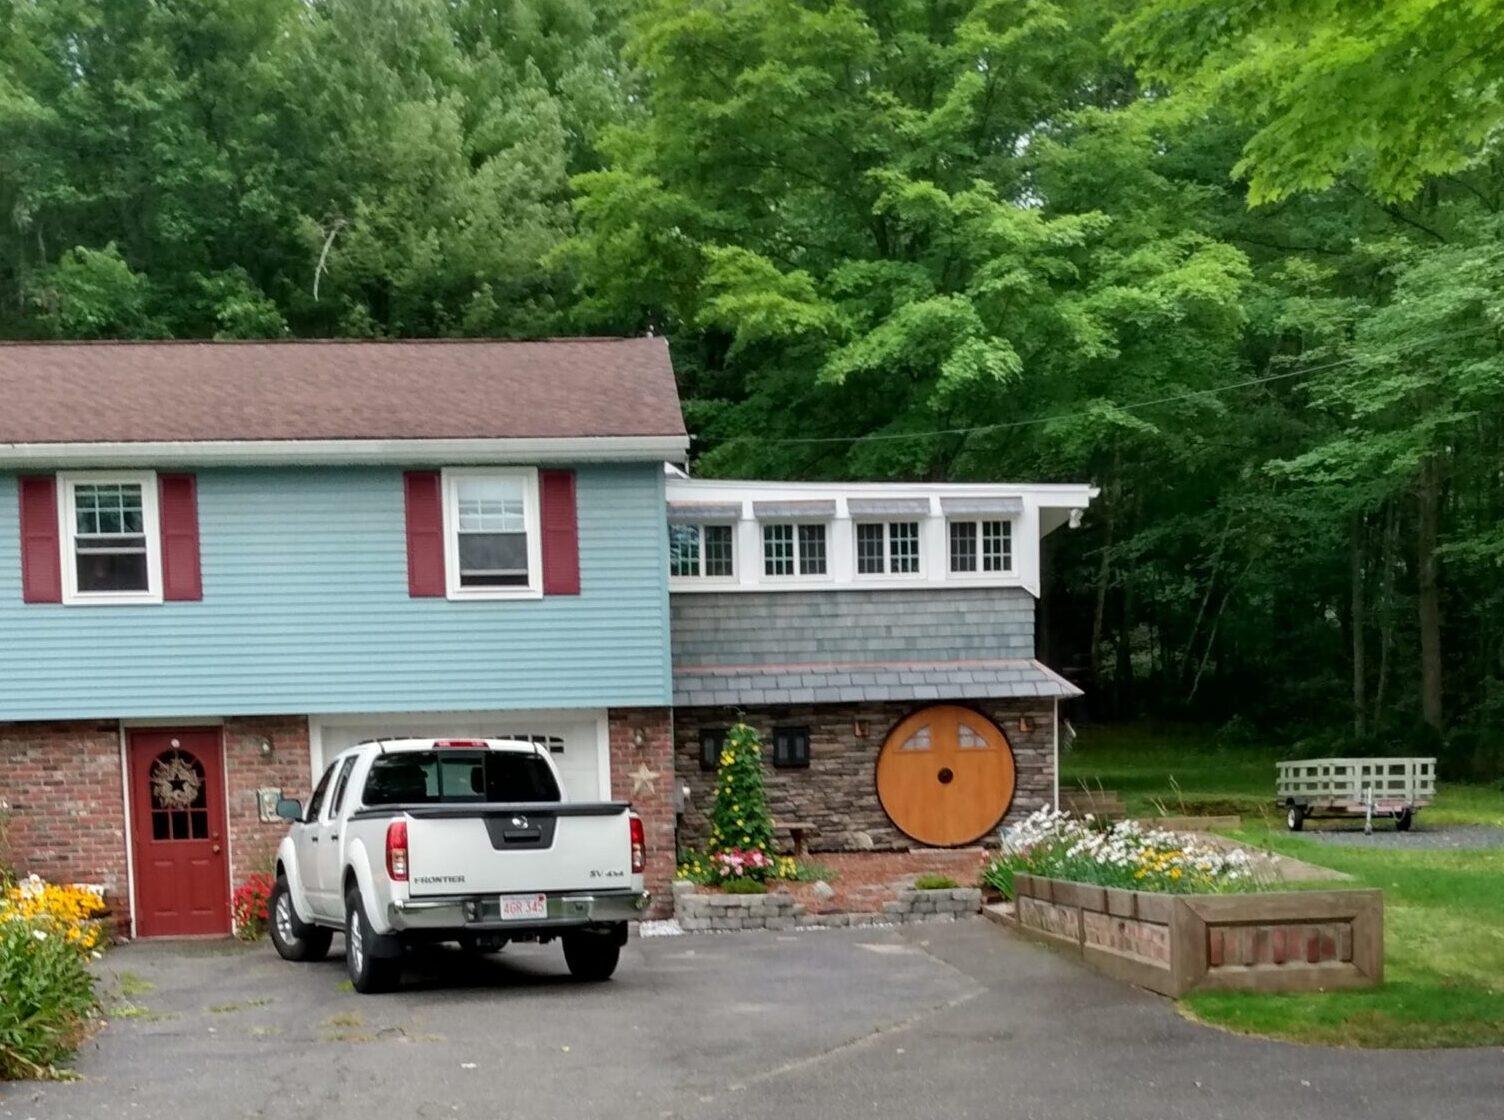 House with a round hobbit door